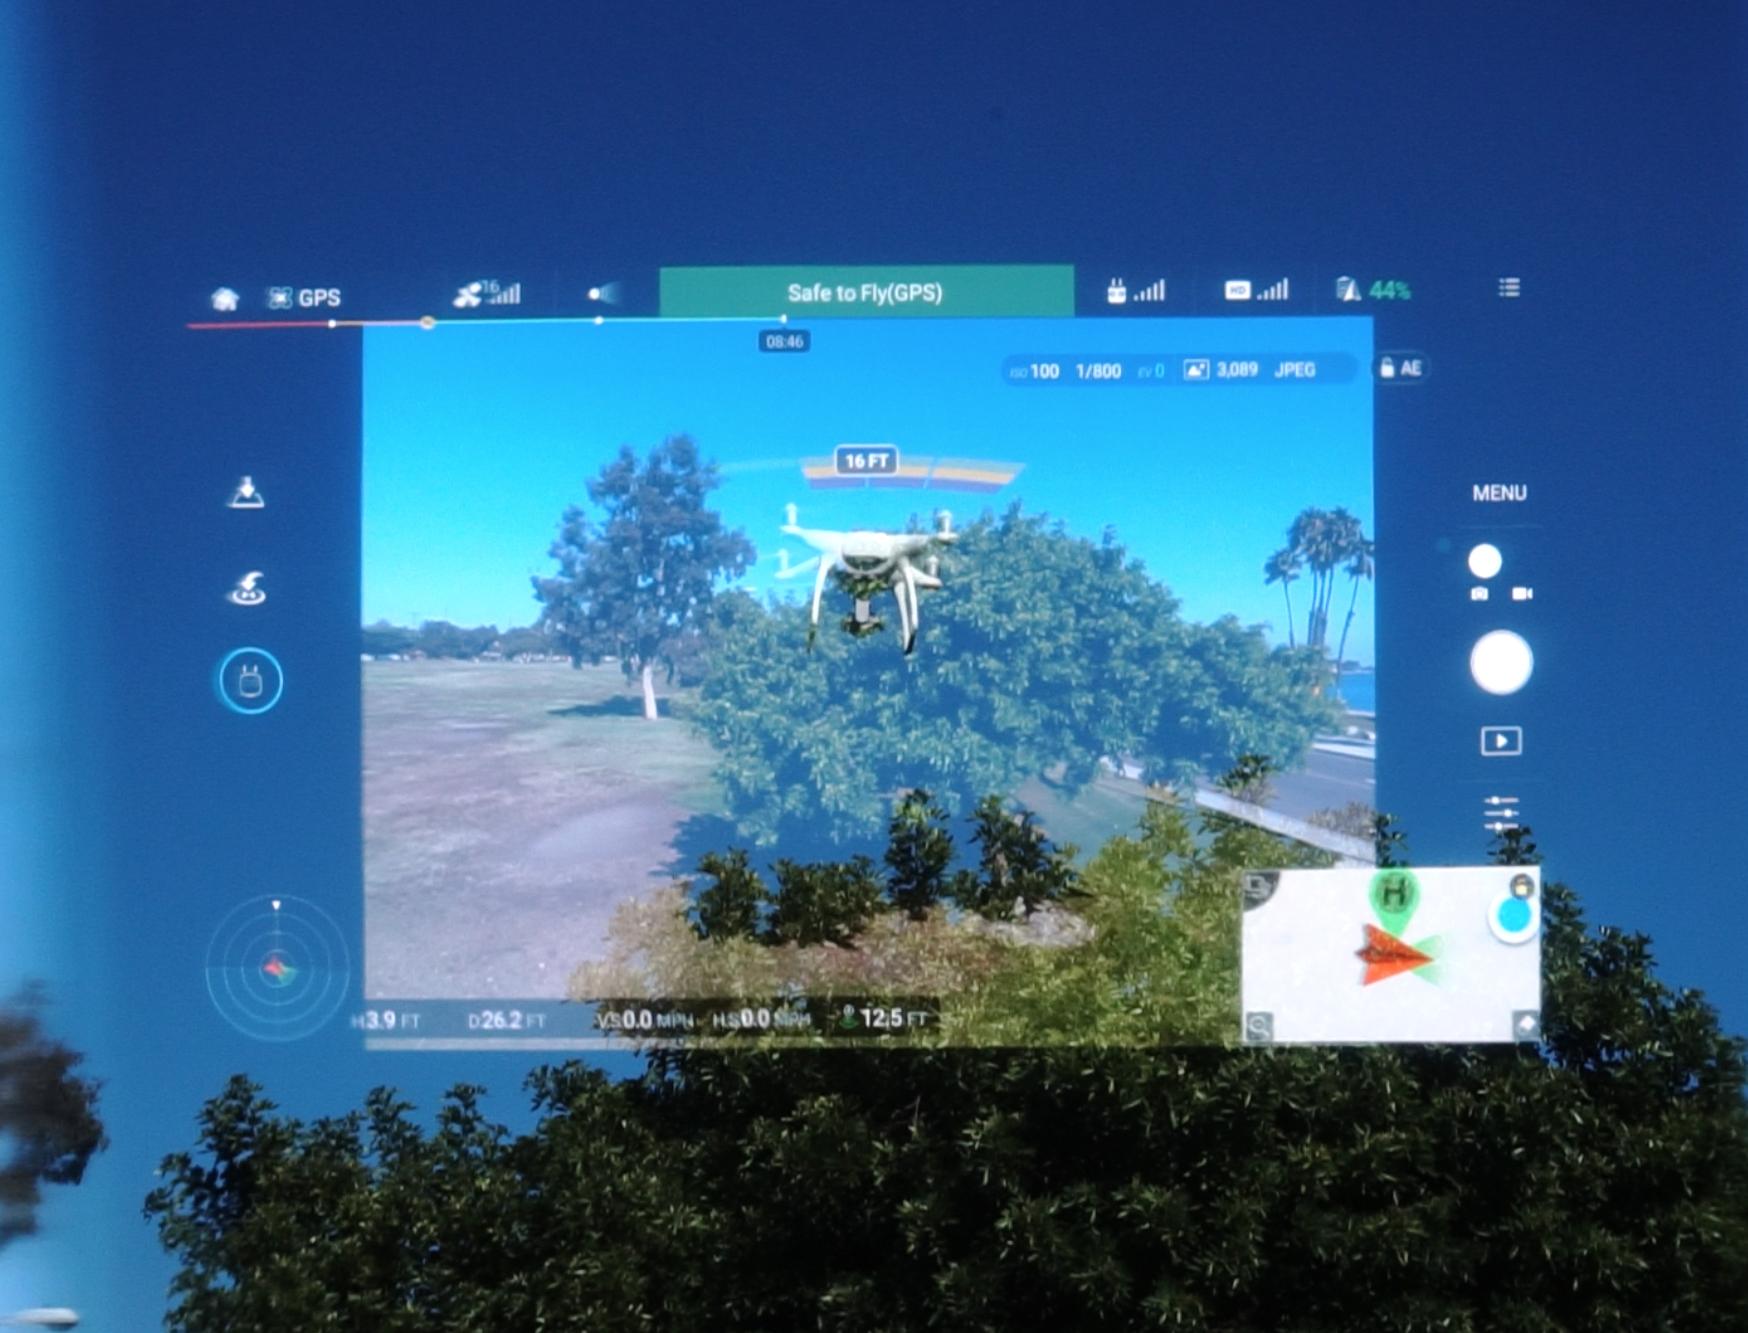 מסך השליטה ברחפני DJI באמצעות משקפי אפסון